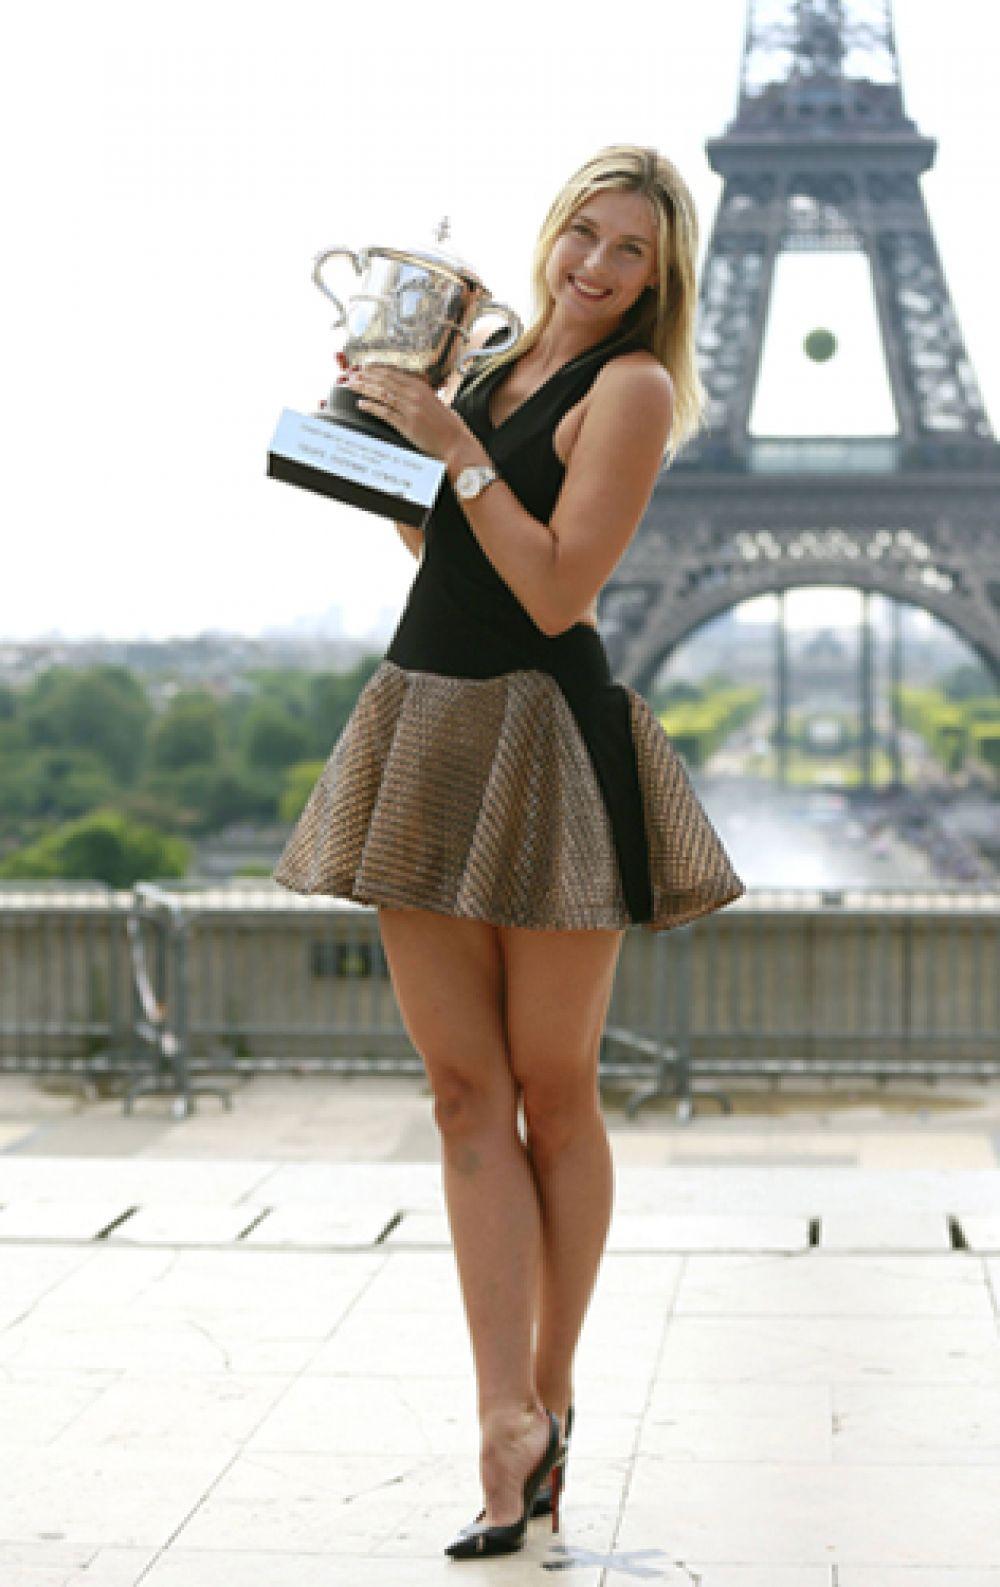 2014 год. Мария Шарапова на фотосессии у Эйфелевой башни в Париже после победы на «Ролан Гаррос».